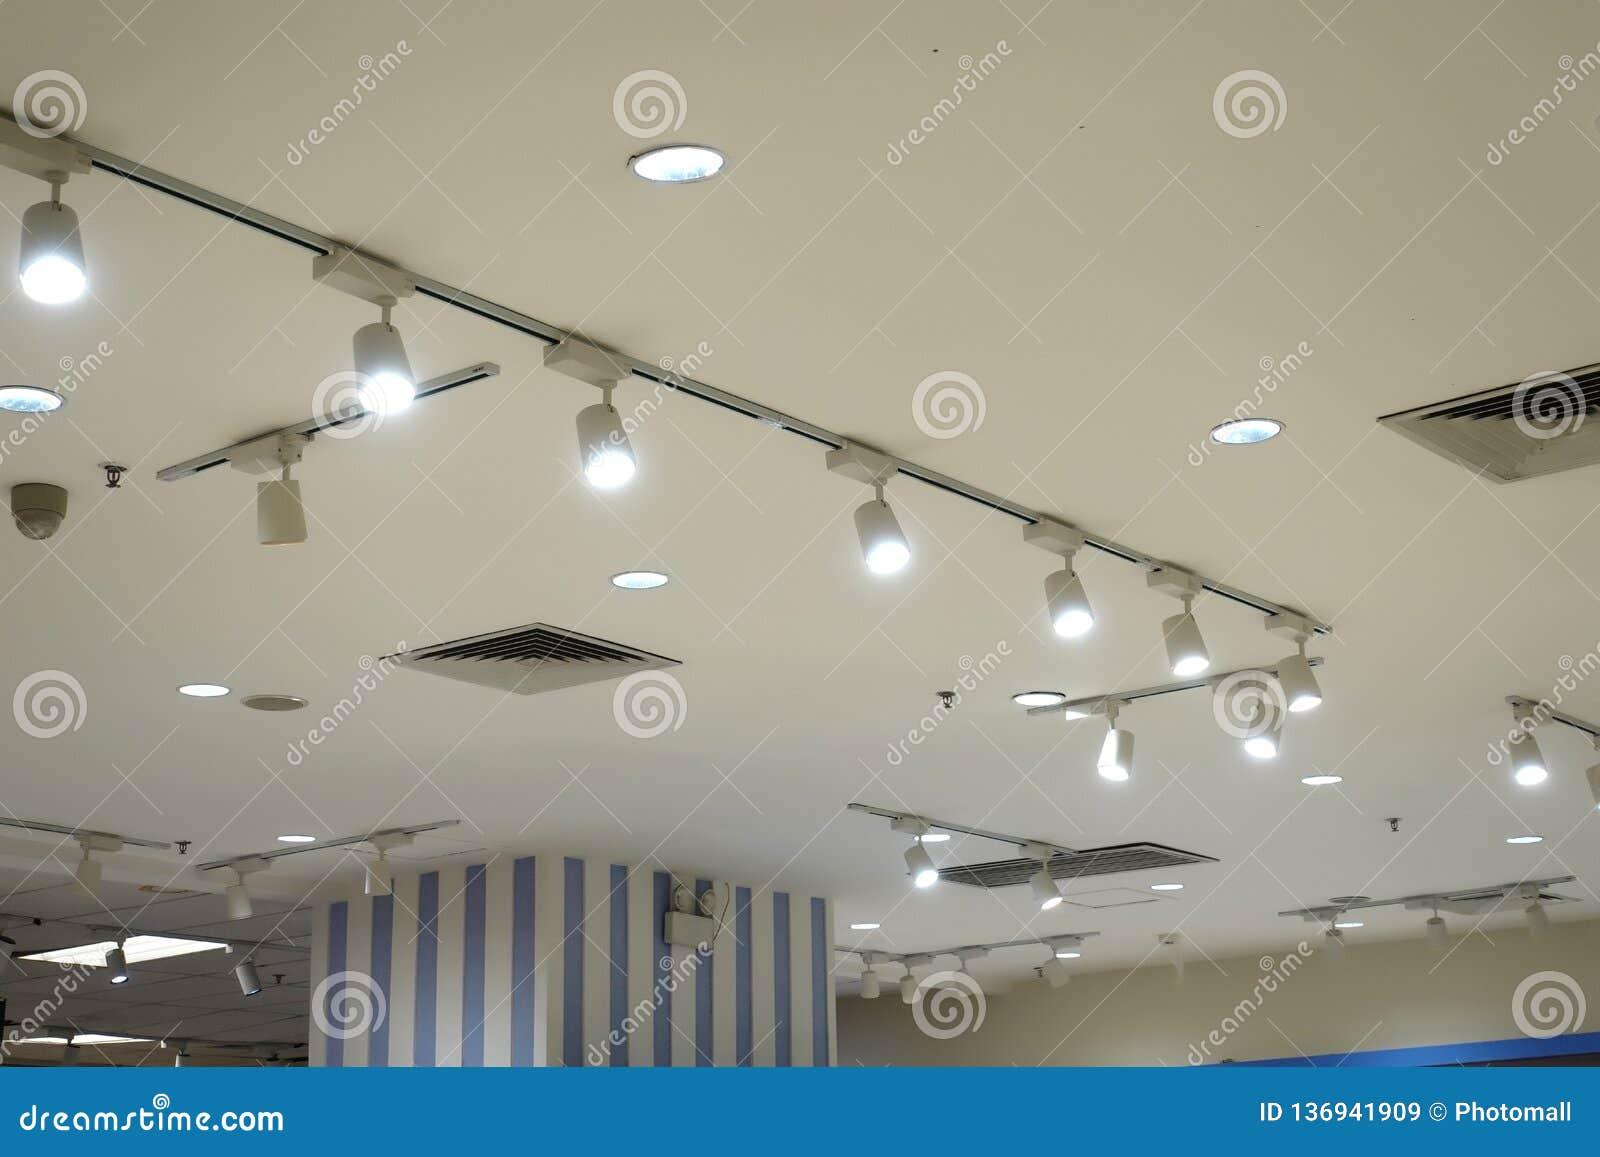 Led Ceiling Spot Lighting In Modern Building Modern